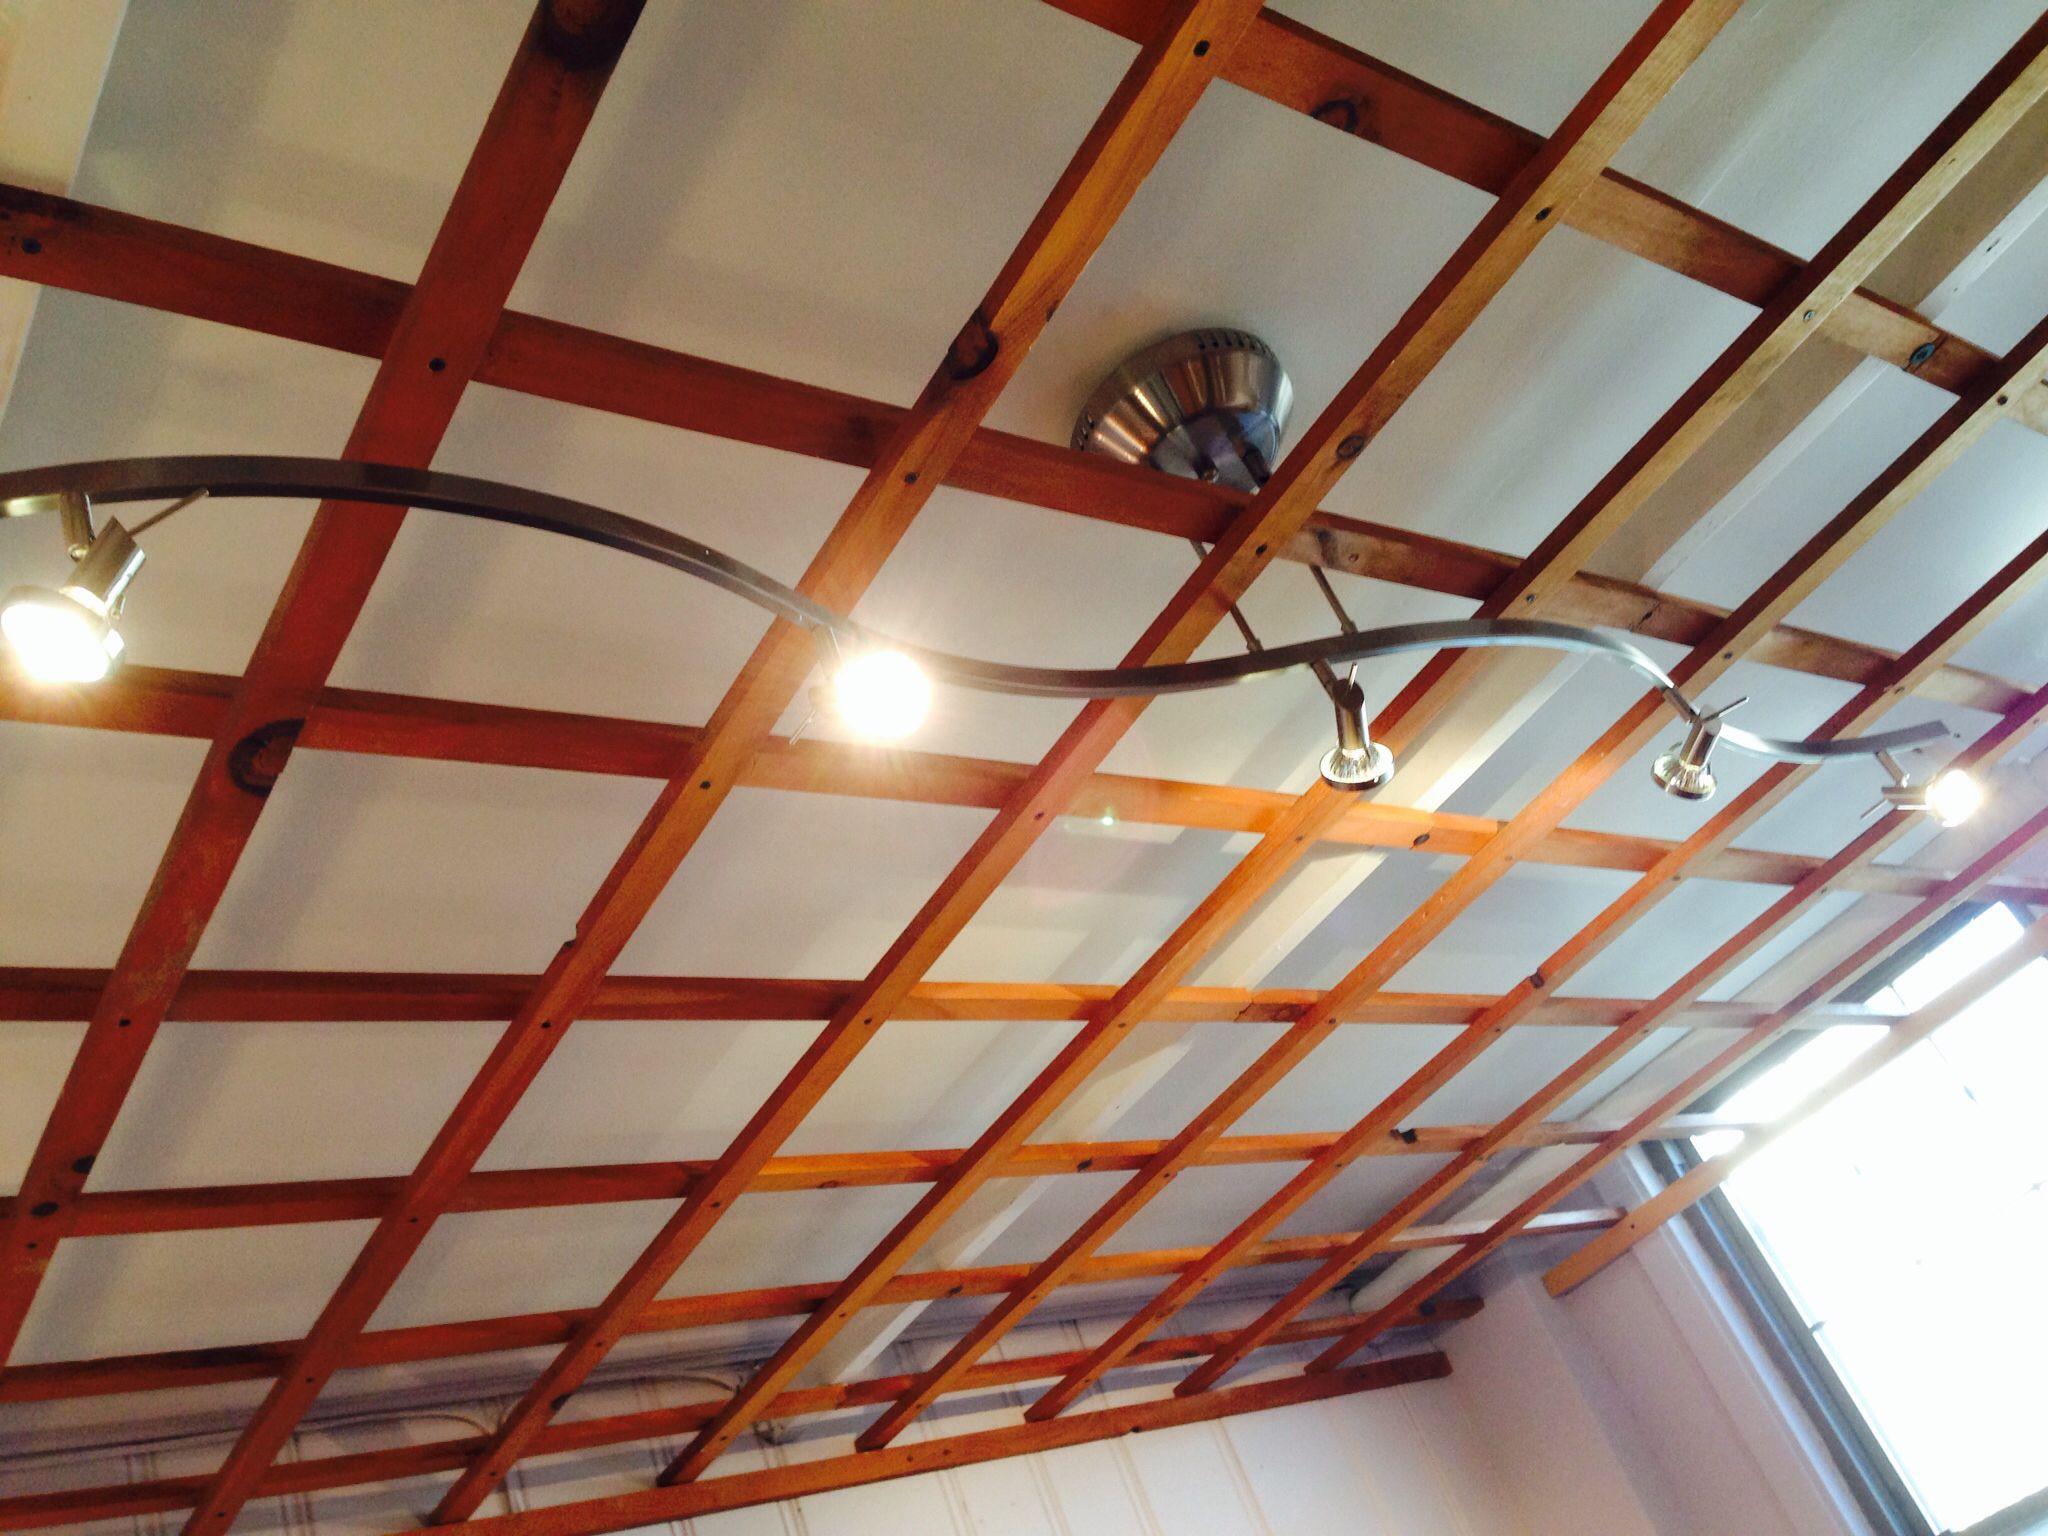 How To Open Drop Ceiling Light Fixture